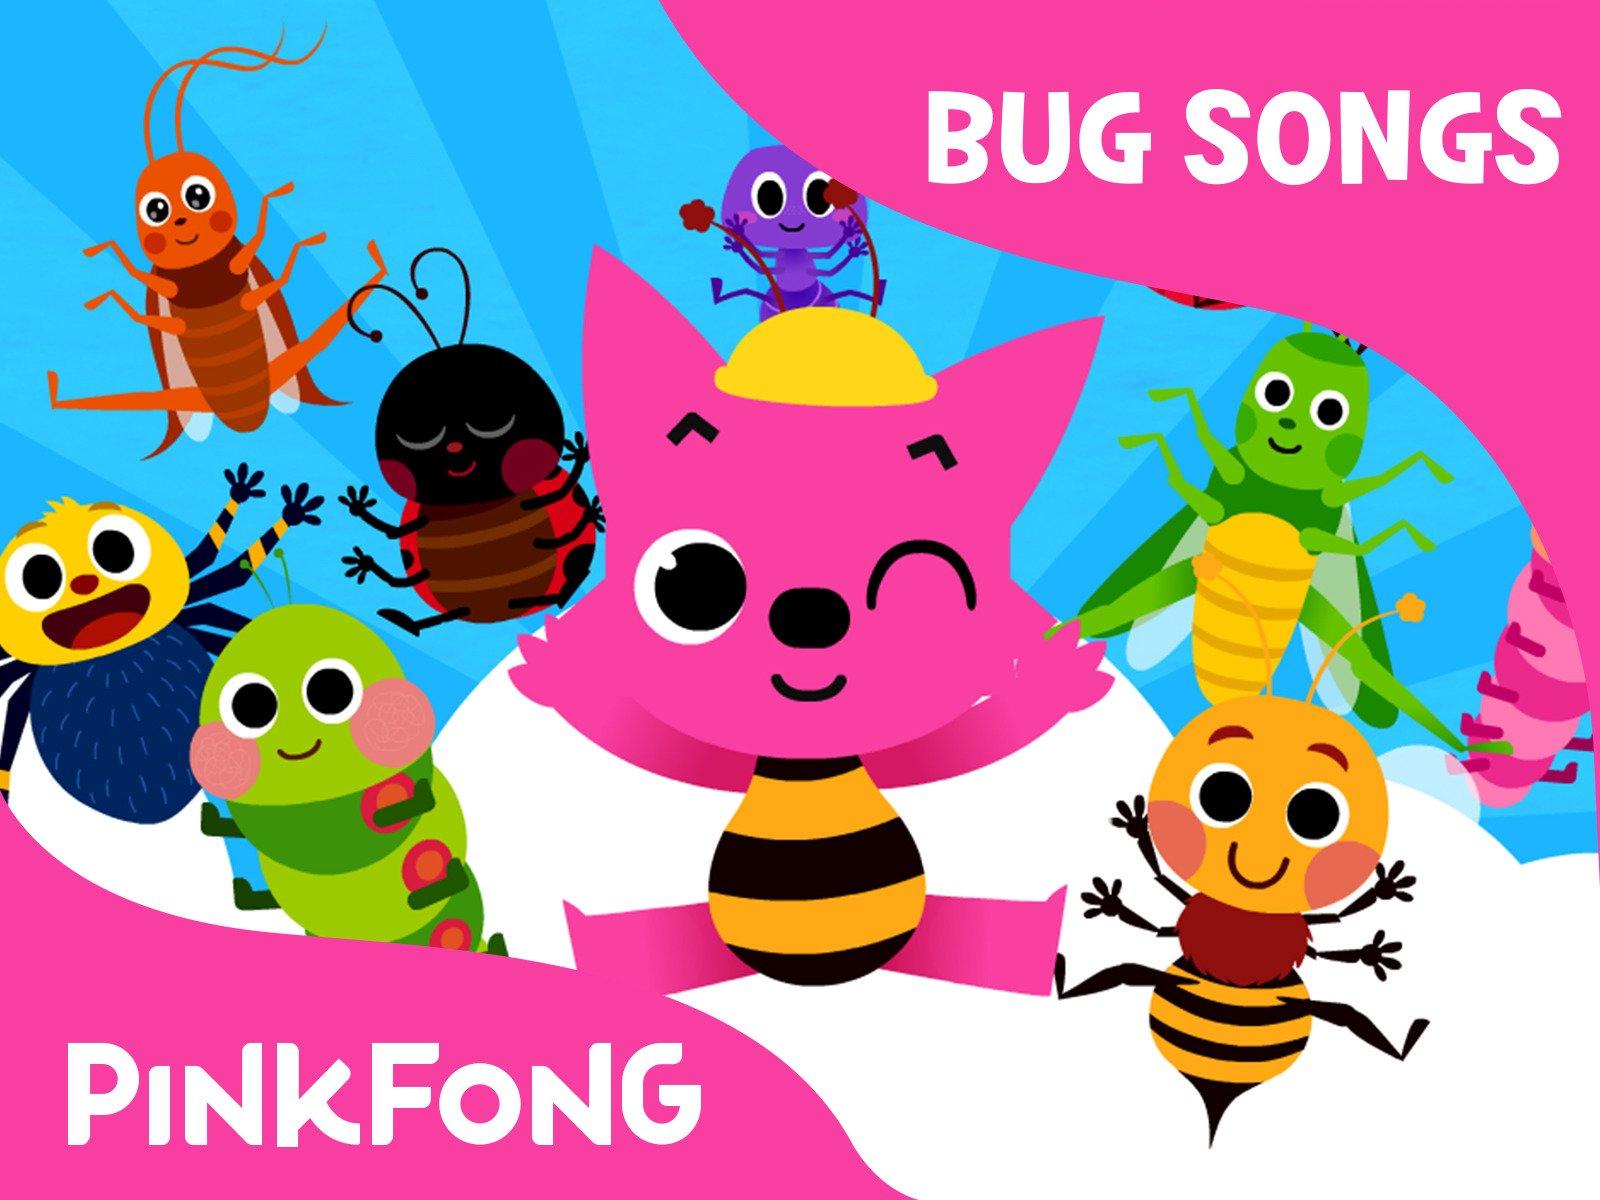 Bug Songs: Pinkfong